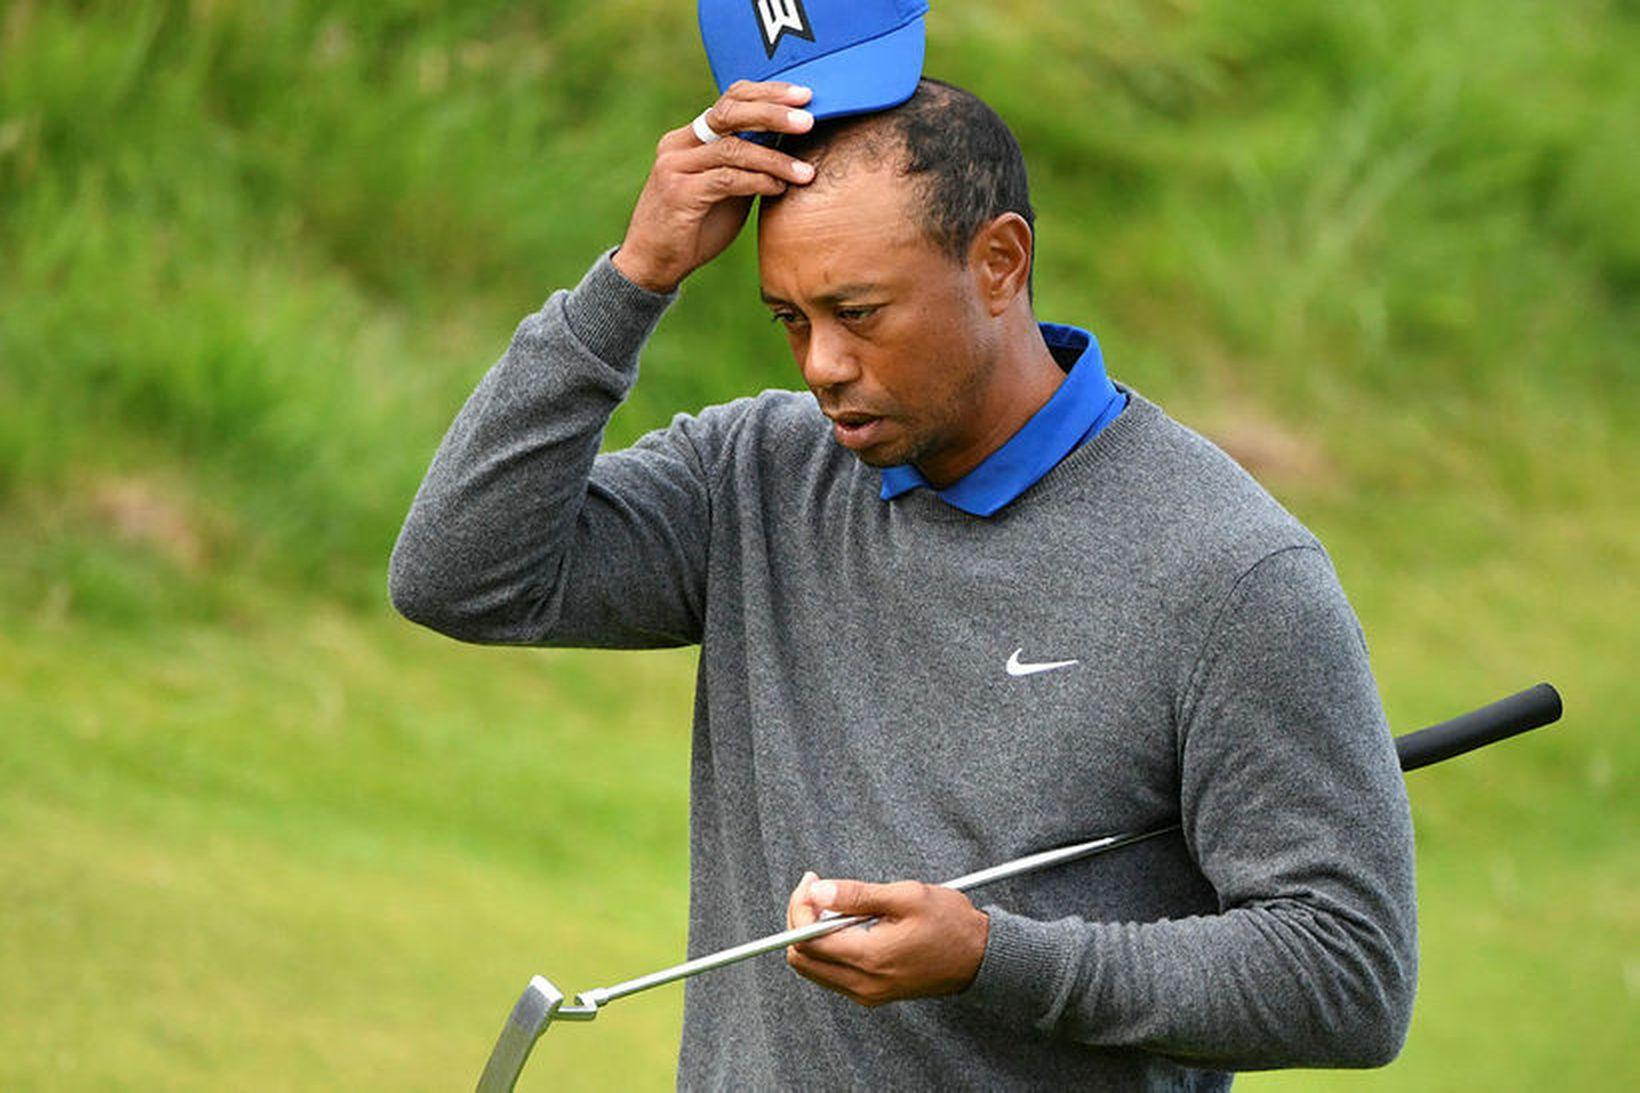 Tiger Woods var ekki skemmt að lokinni átjándu holunni í …